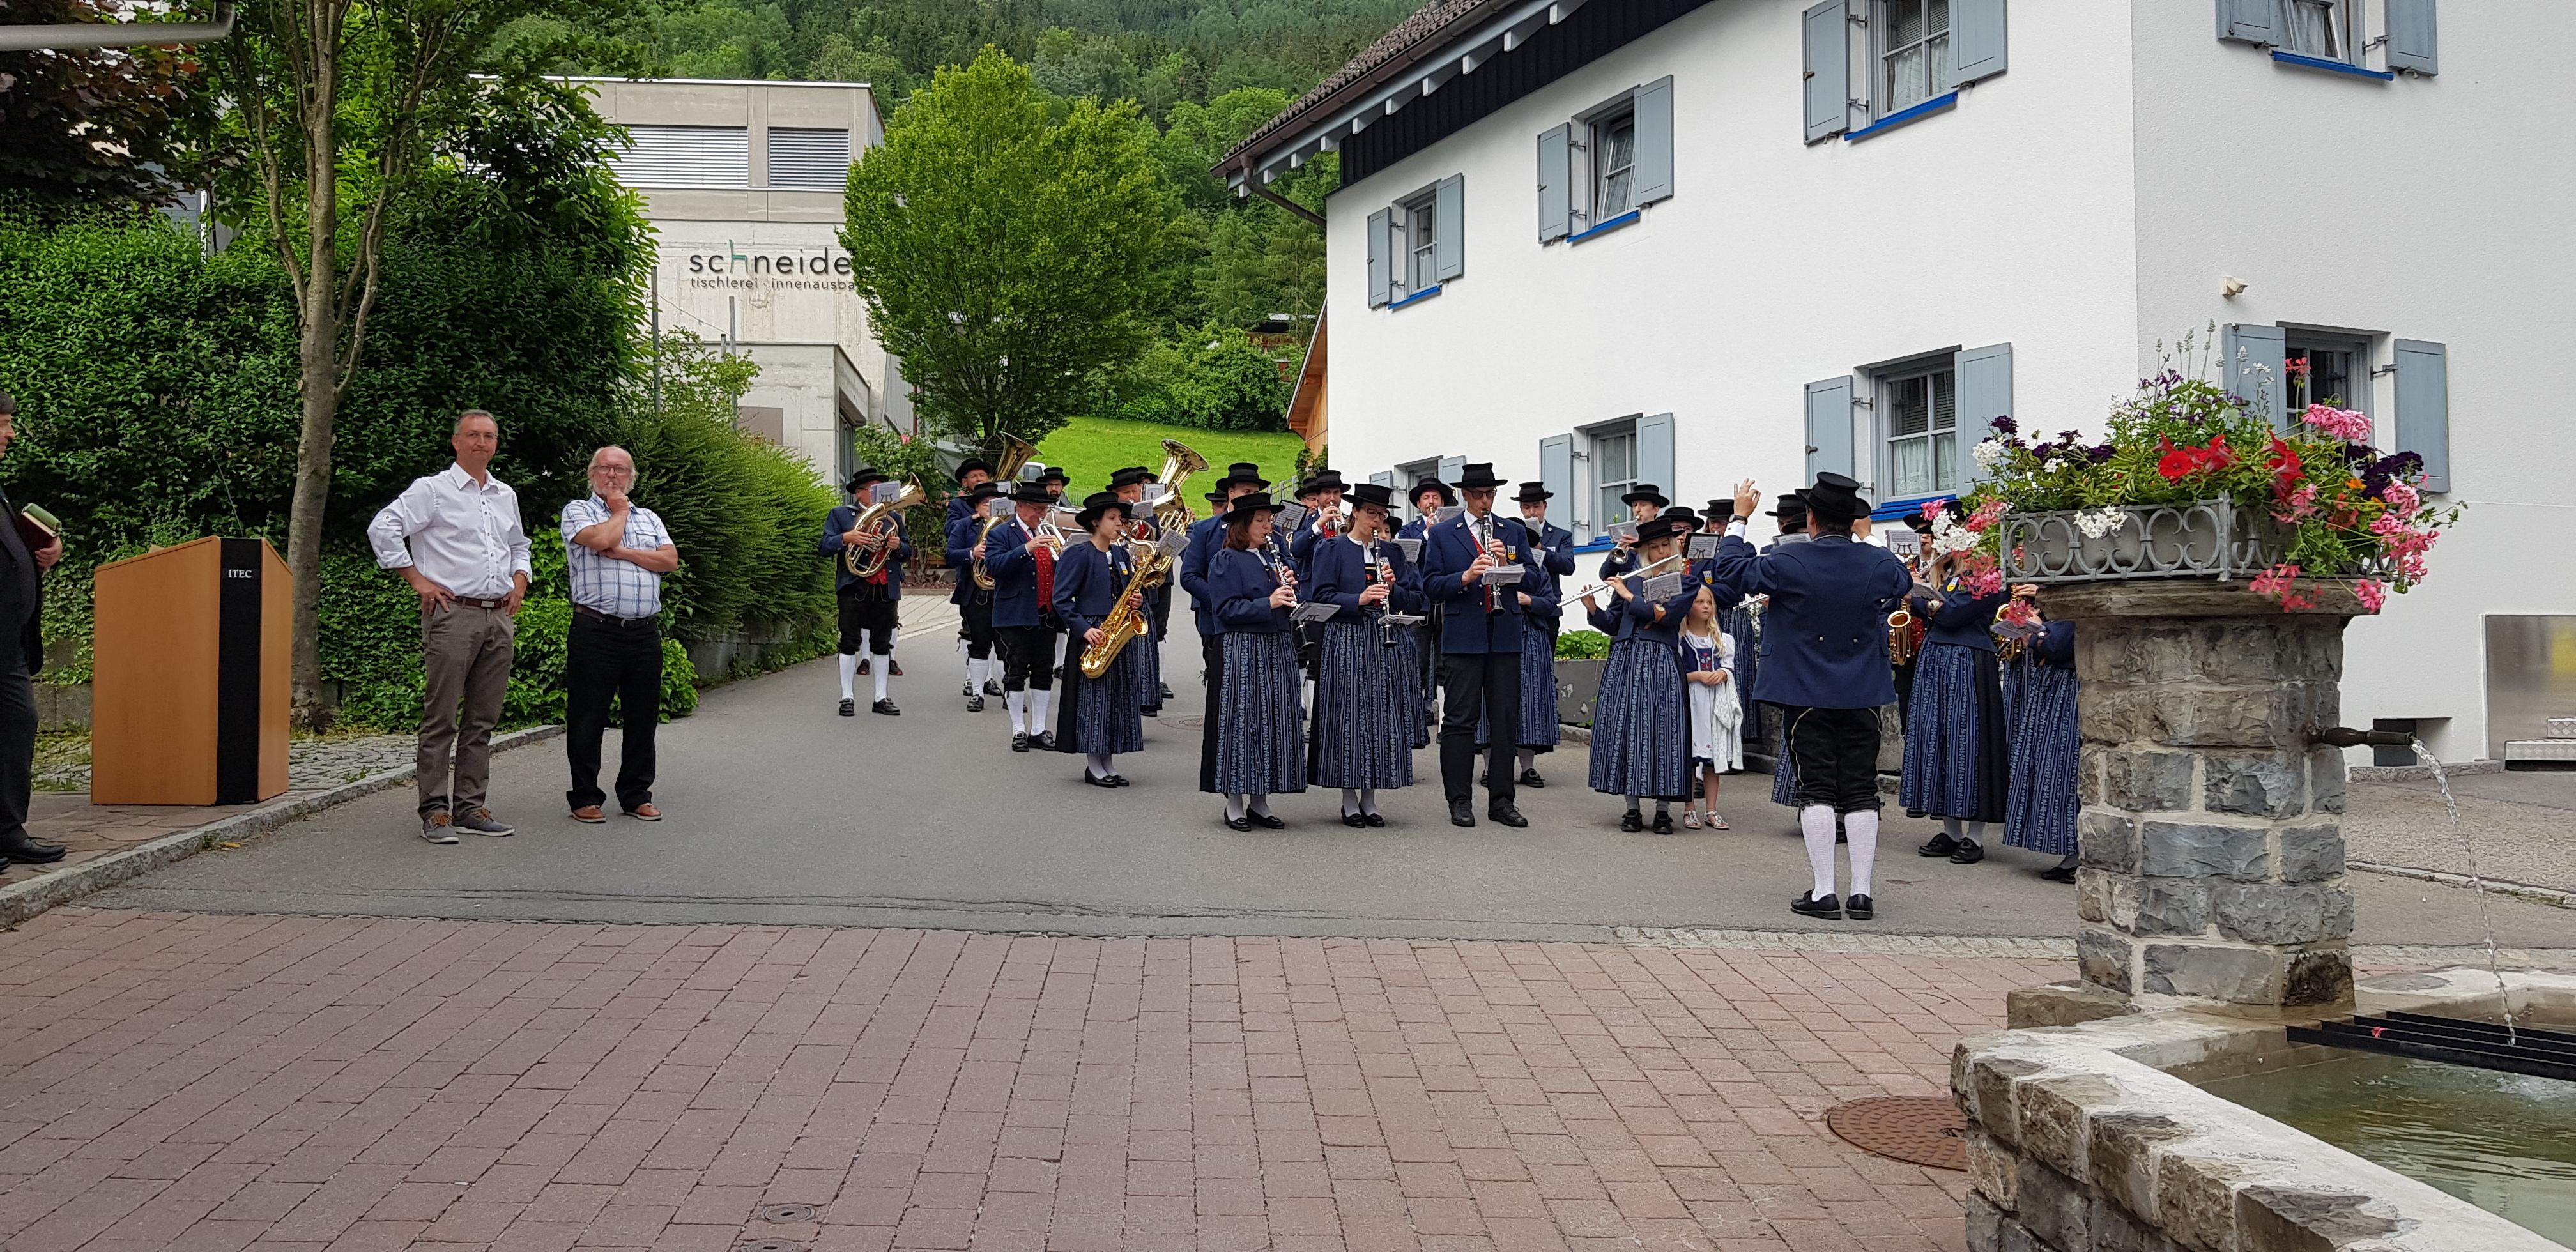 Dorfbrunnen Ludesch (1).jpg